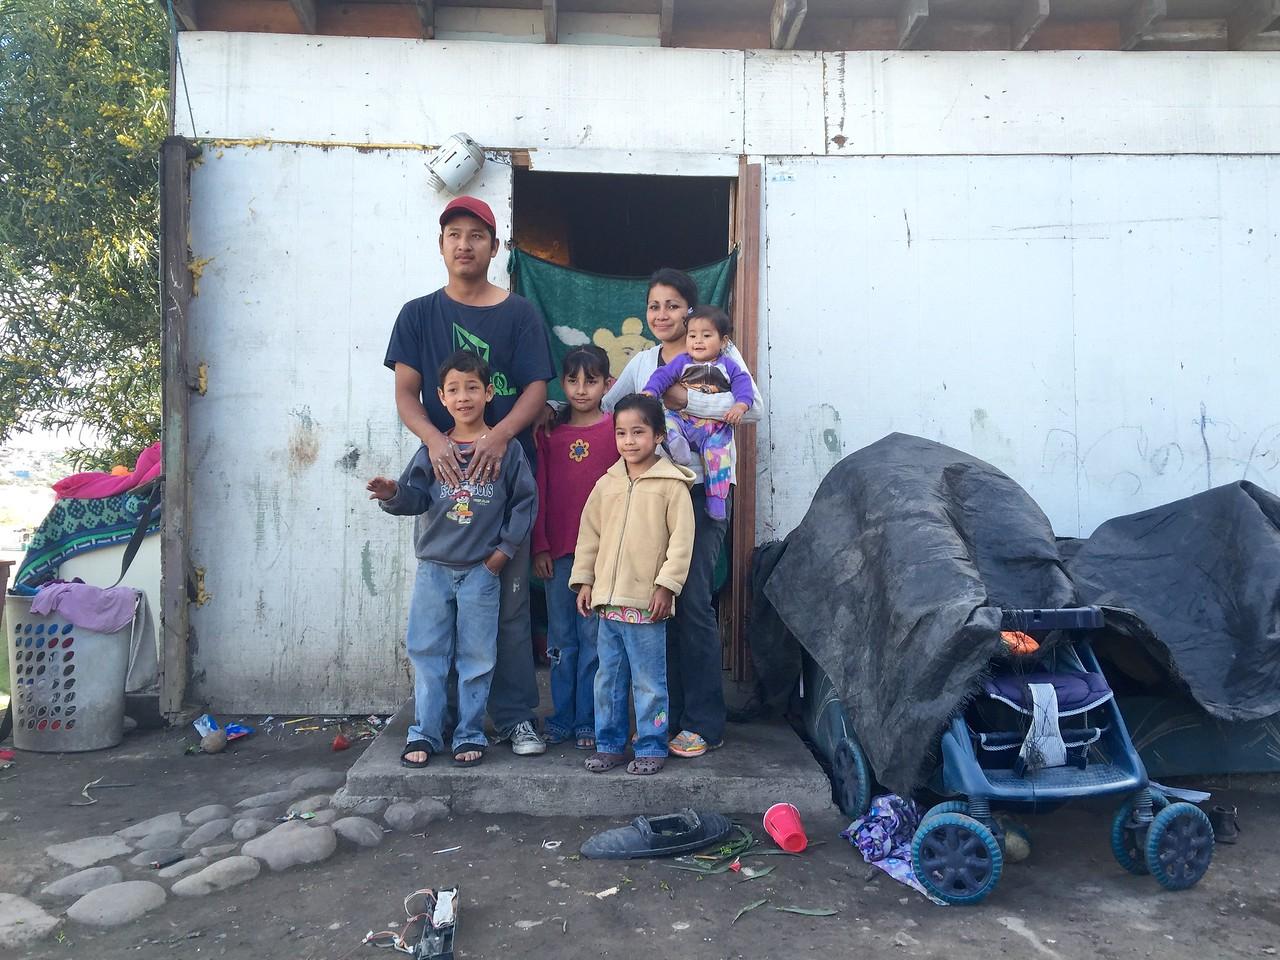 Eduardo and family